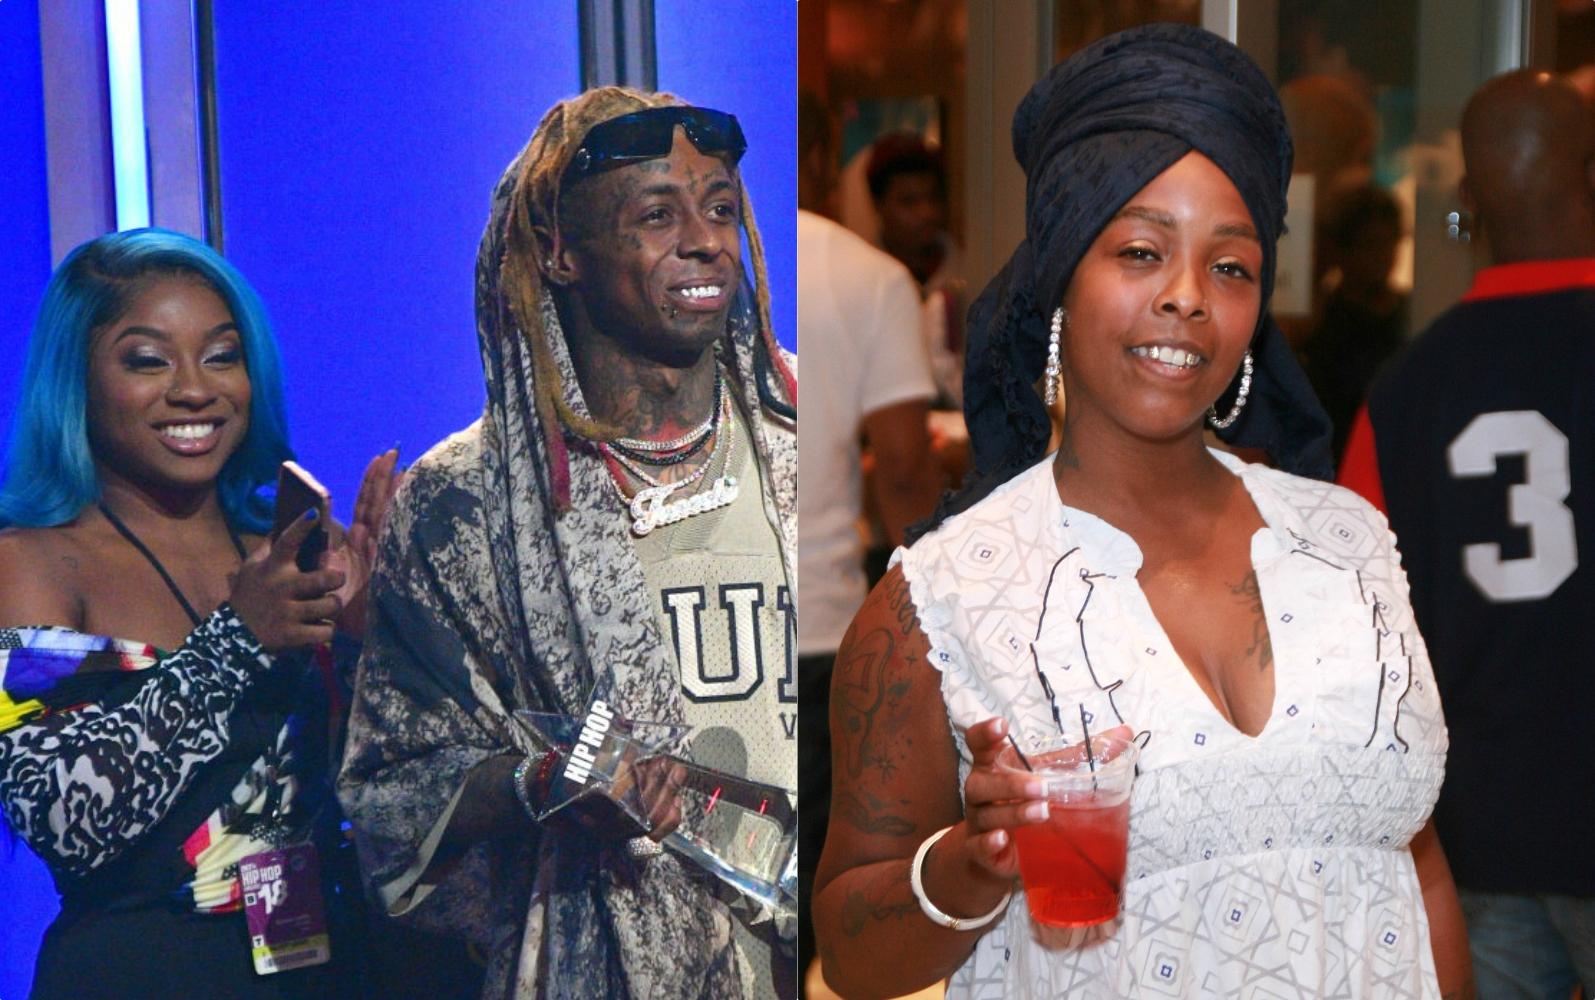 Reginae Carter, Lil Wayne, Khia